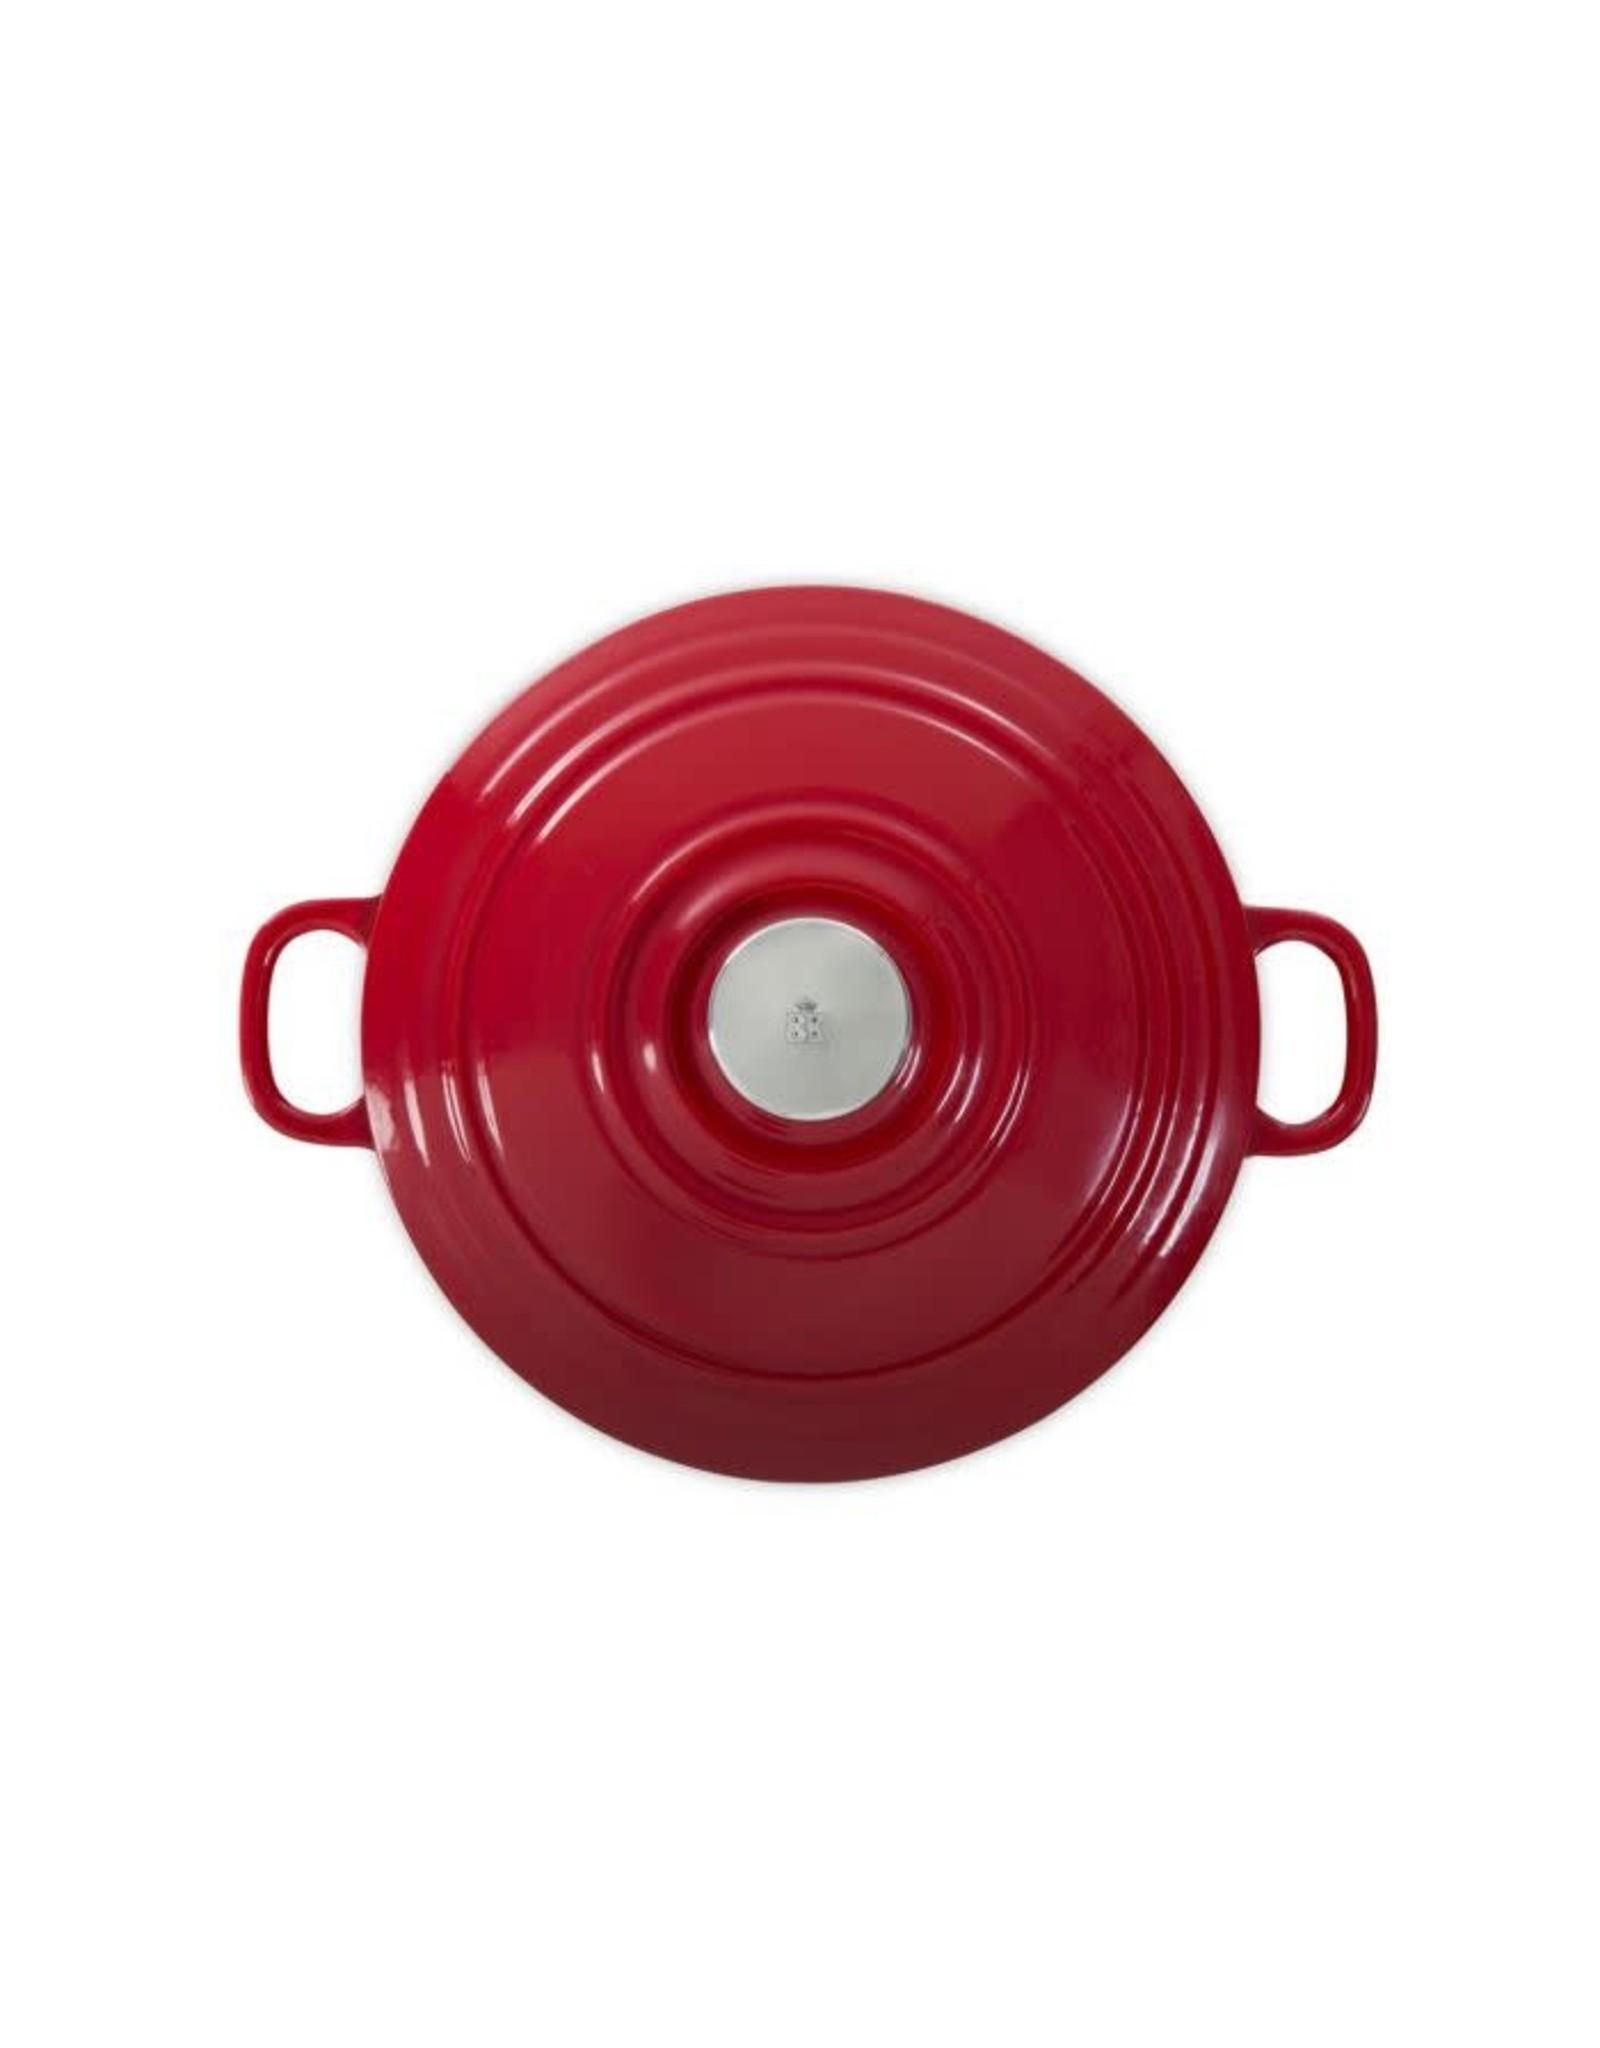 BK BK BOURGOGNE BRAADPAN 28 CM CHILI RED